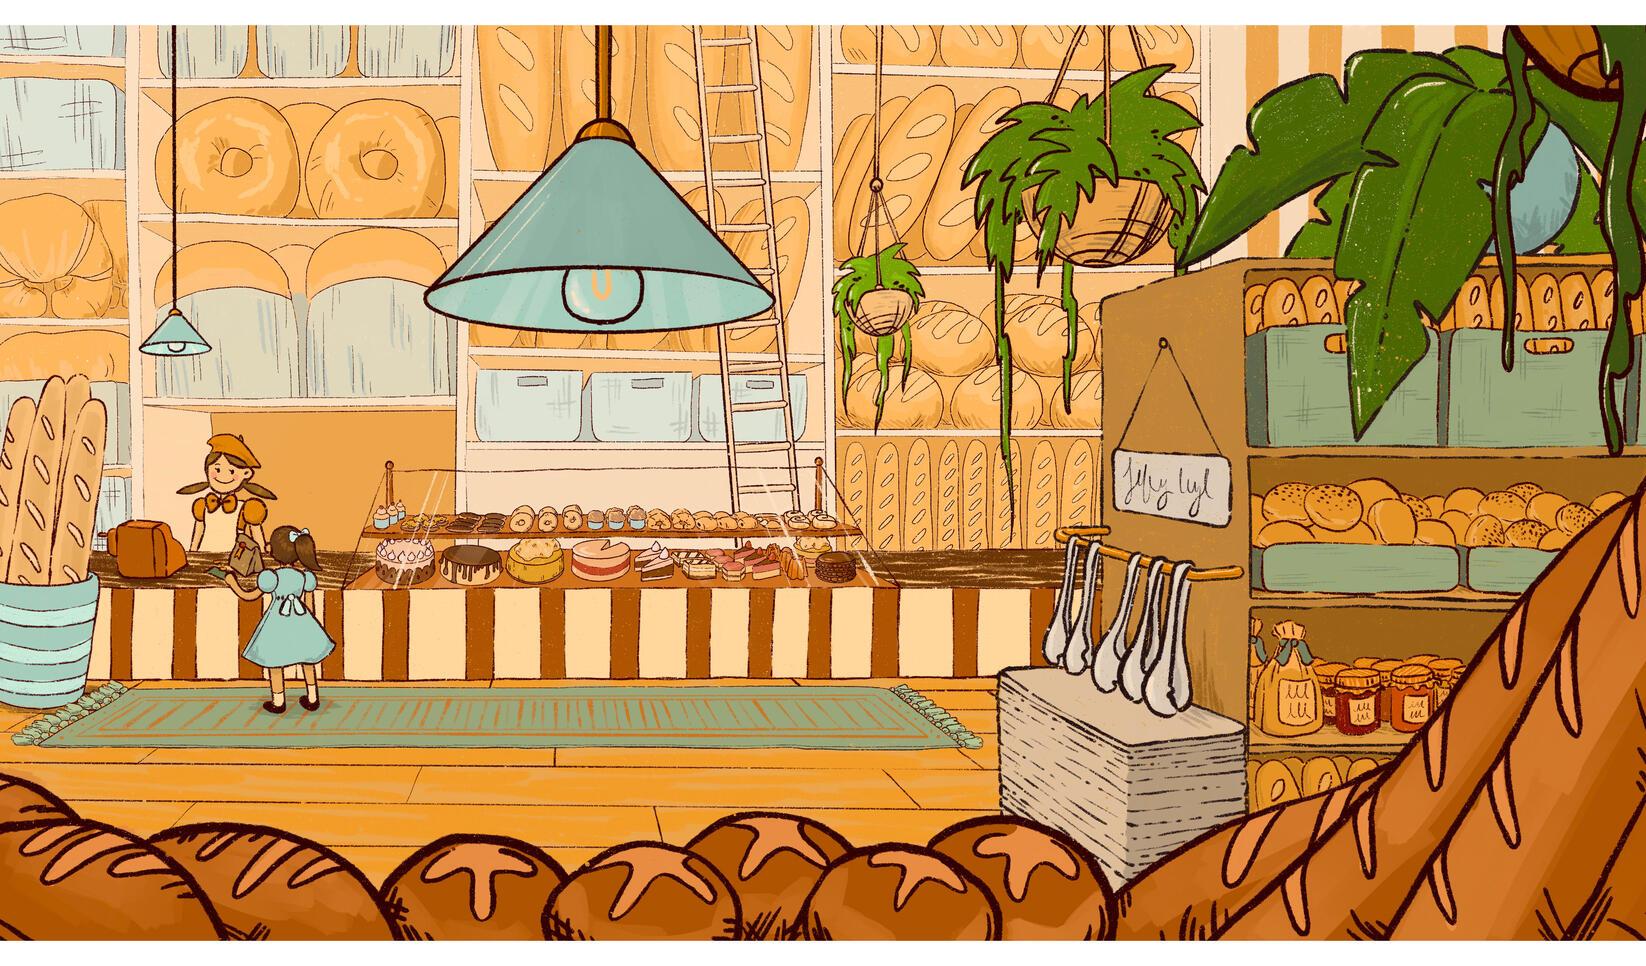 Playground illustration by Tristyn Hyatt ; Tristyn Hyatt